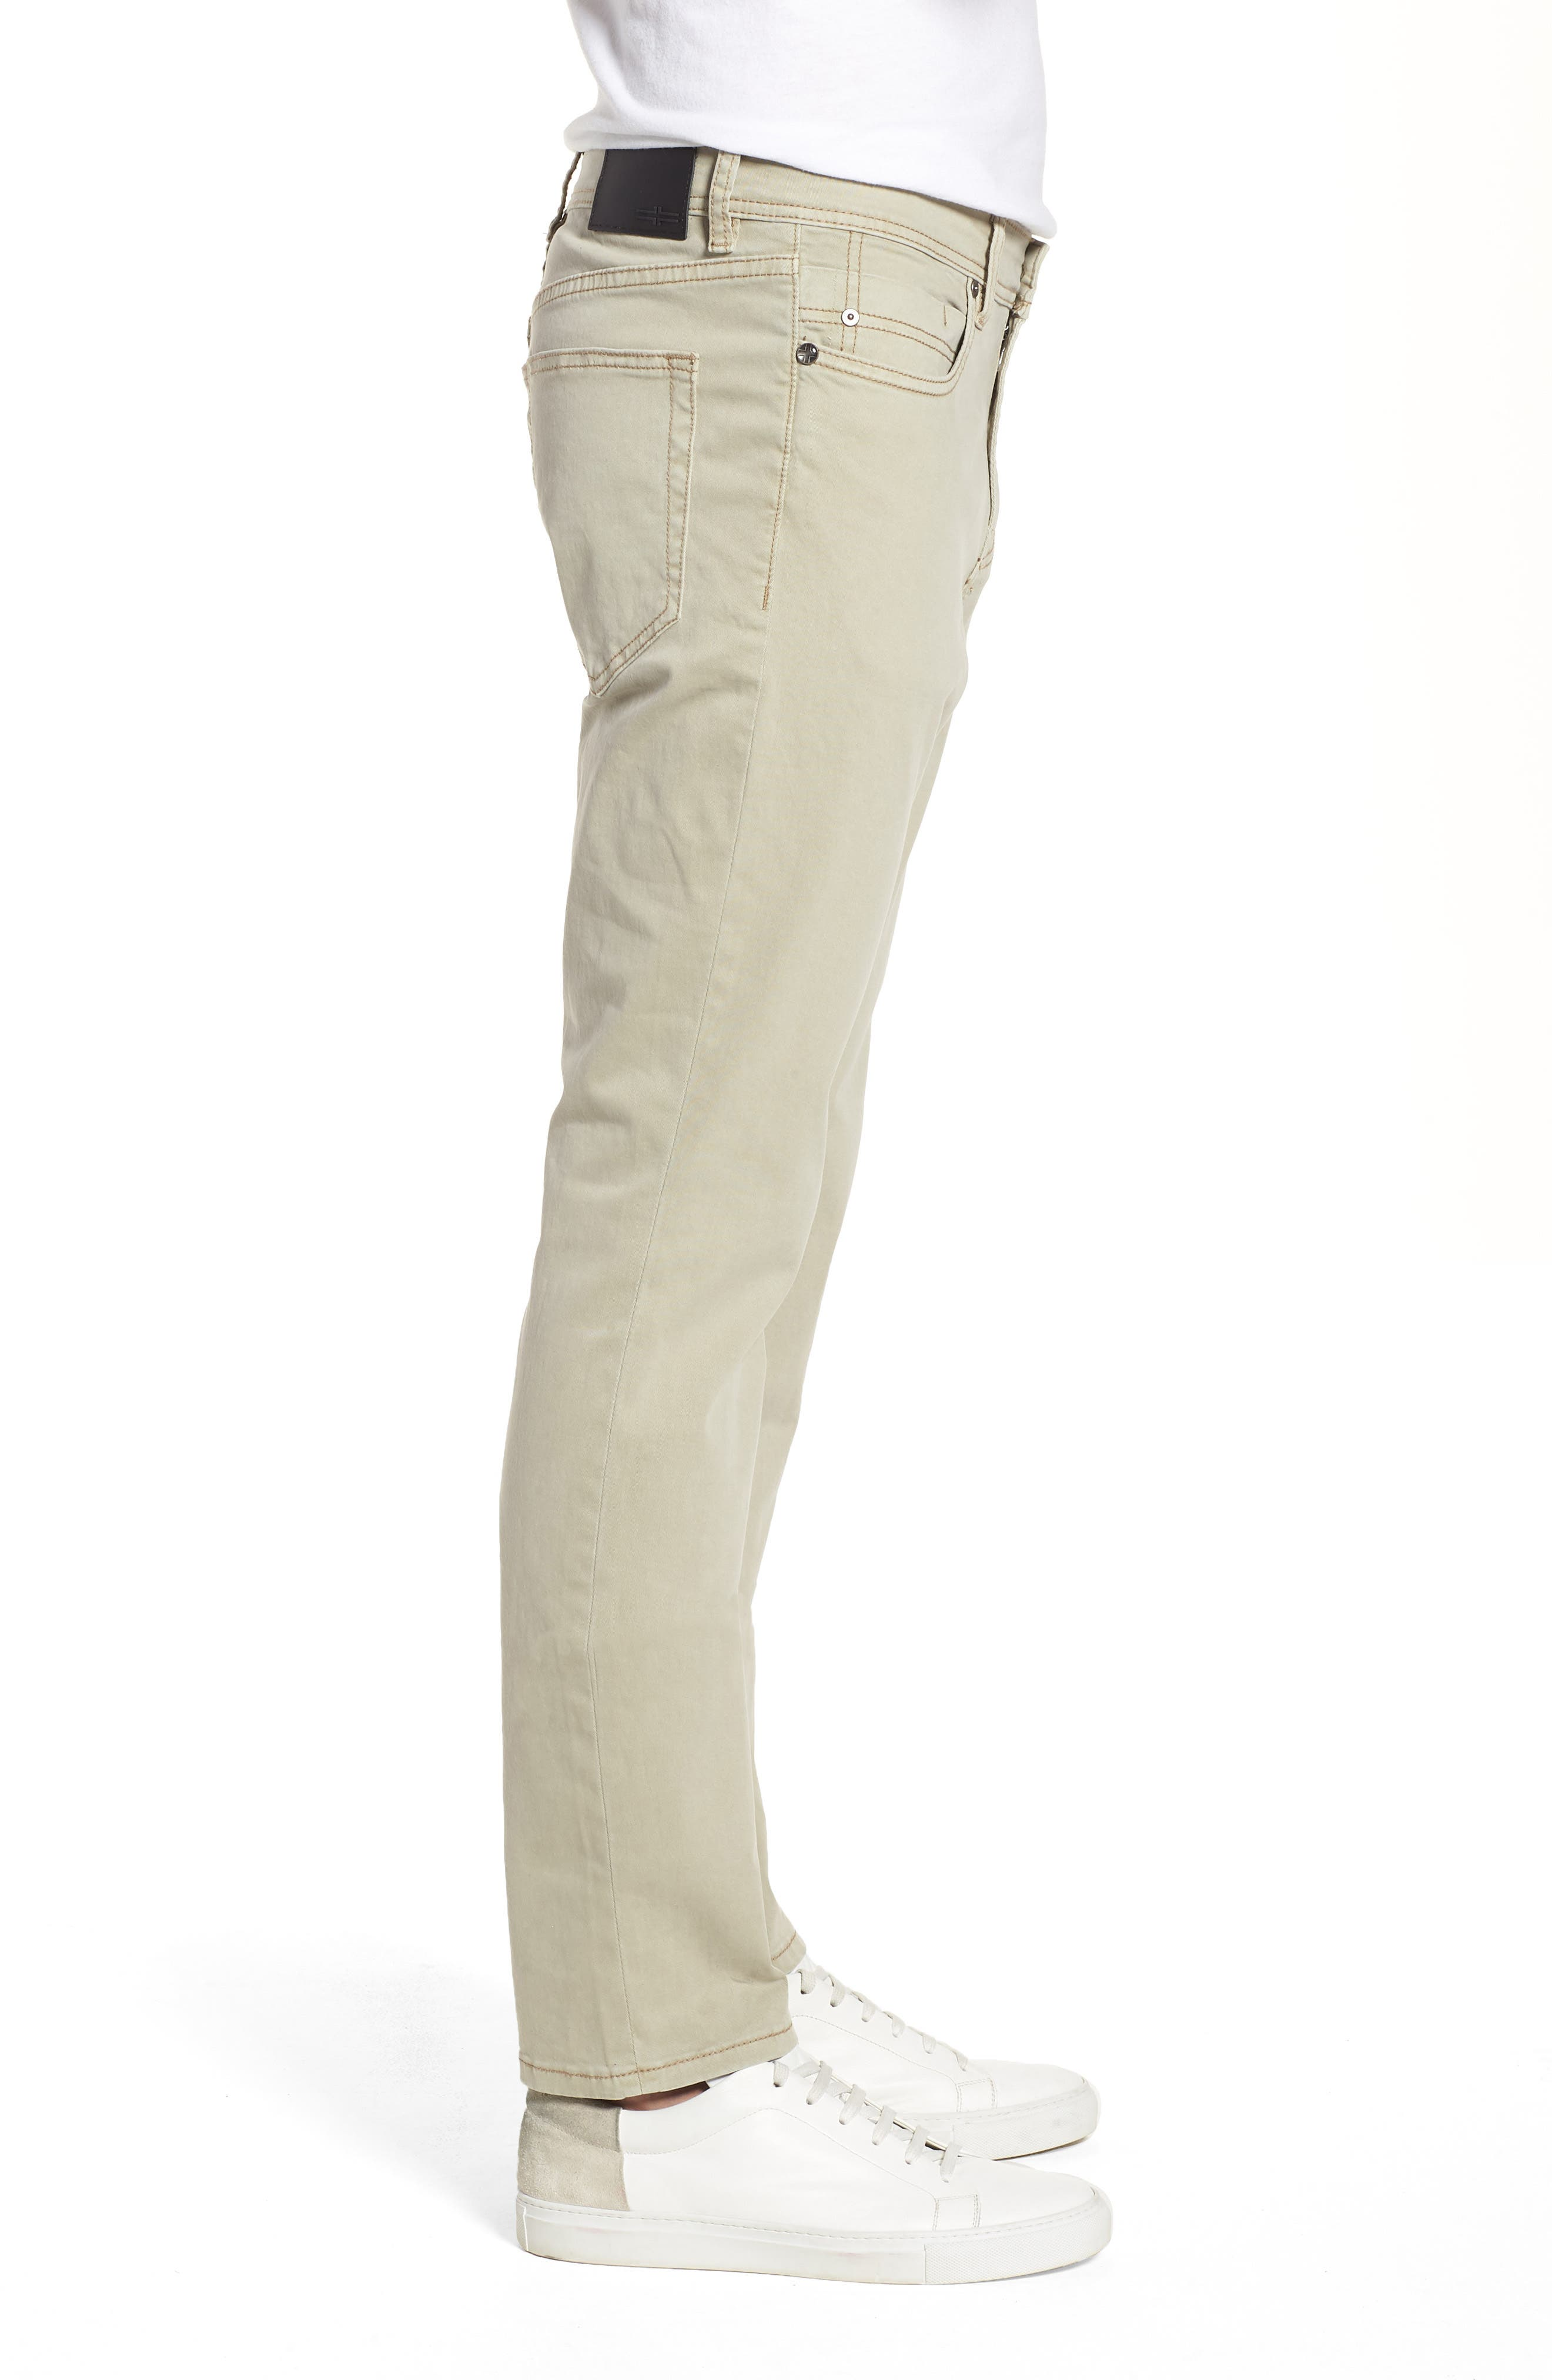 Jeans Co. Kingston Slim Straight Leg Jeans,                             Alternate thumbnail 3, color,                             SANDSTROM